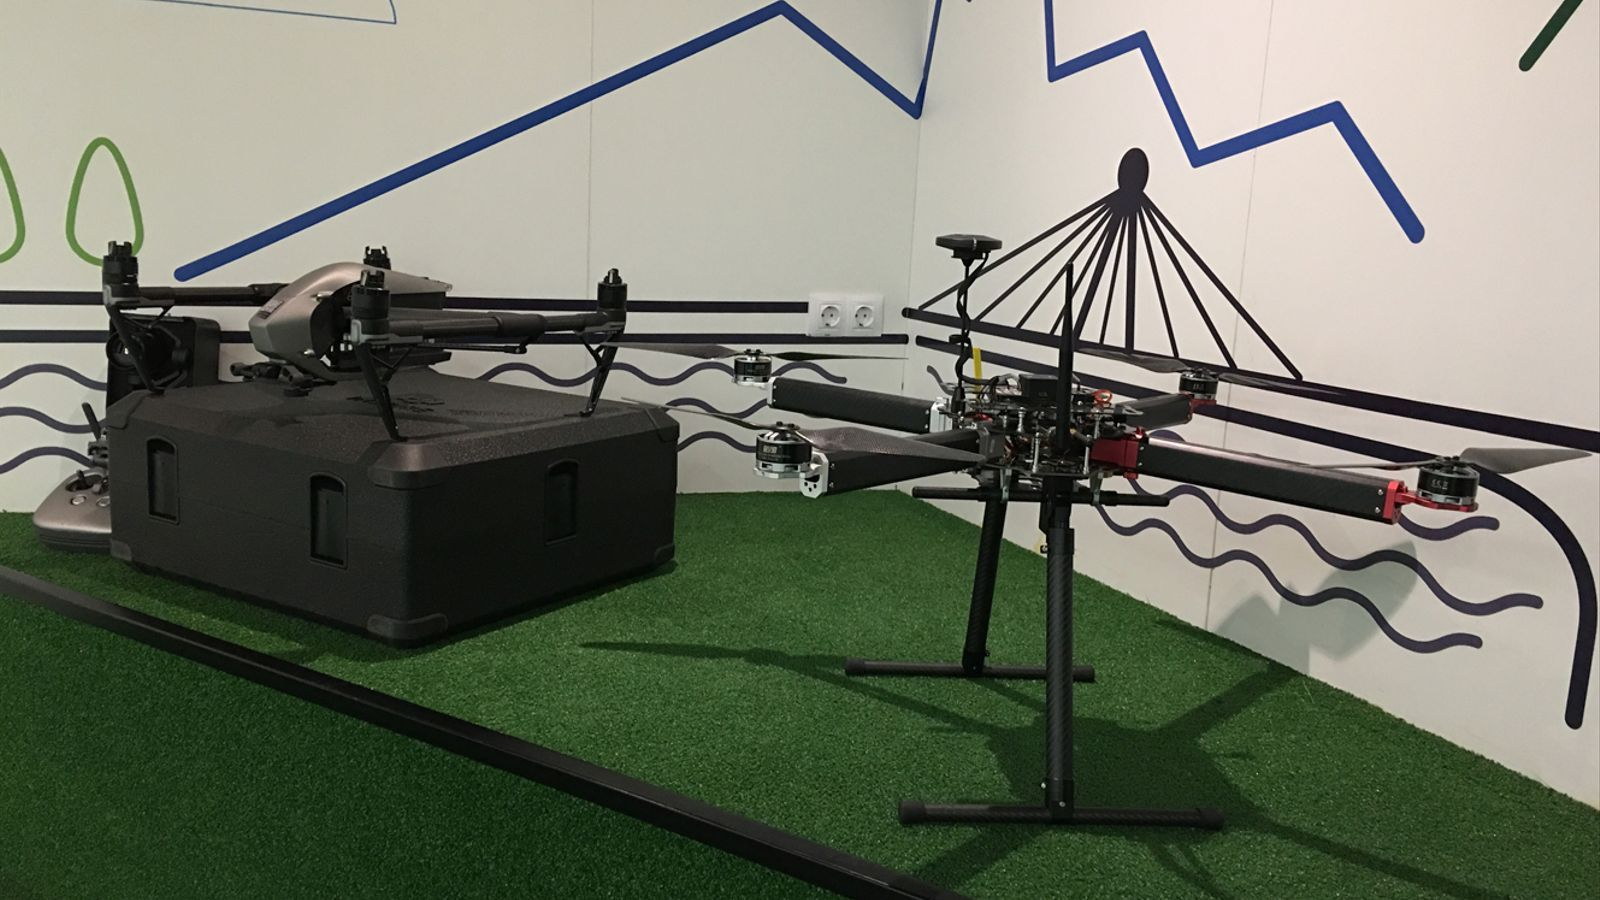 Una mostra dels drons que utilitzaran els bombers en les seves actuacions. / M. P. (ANA)